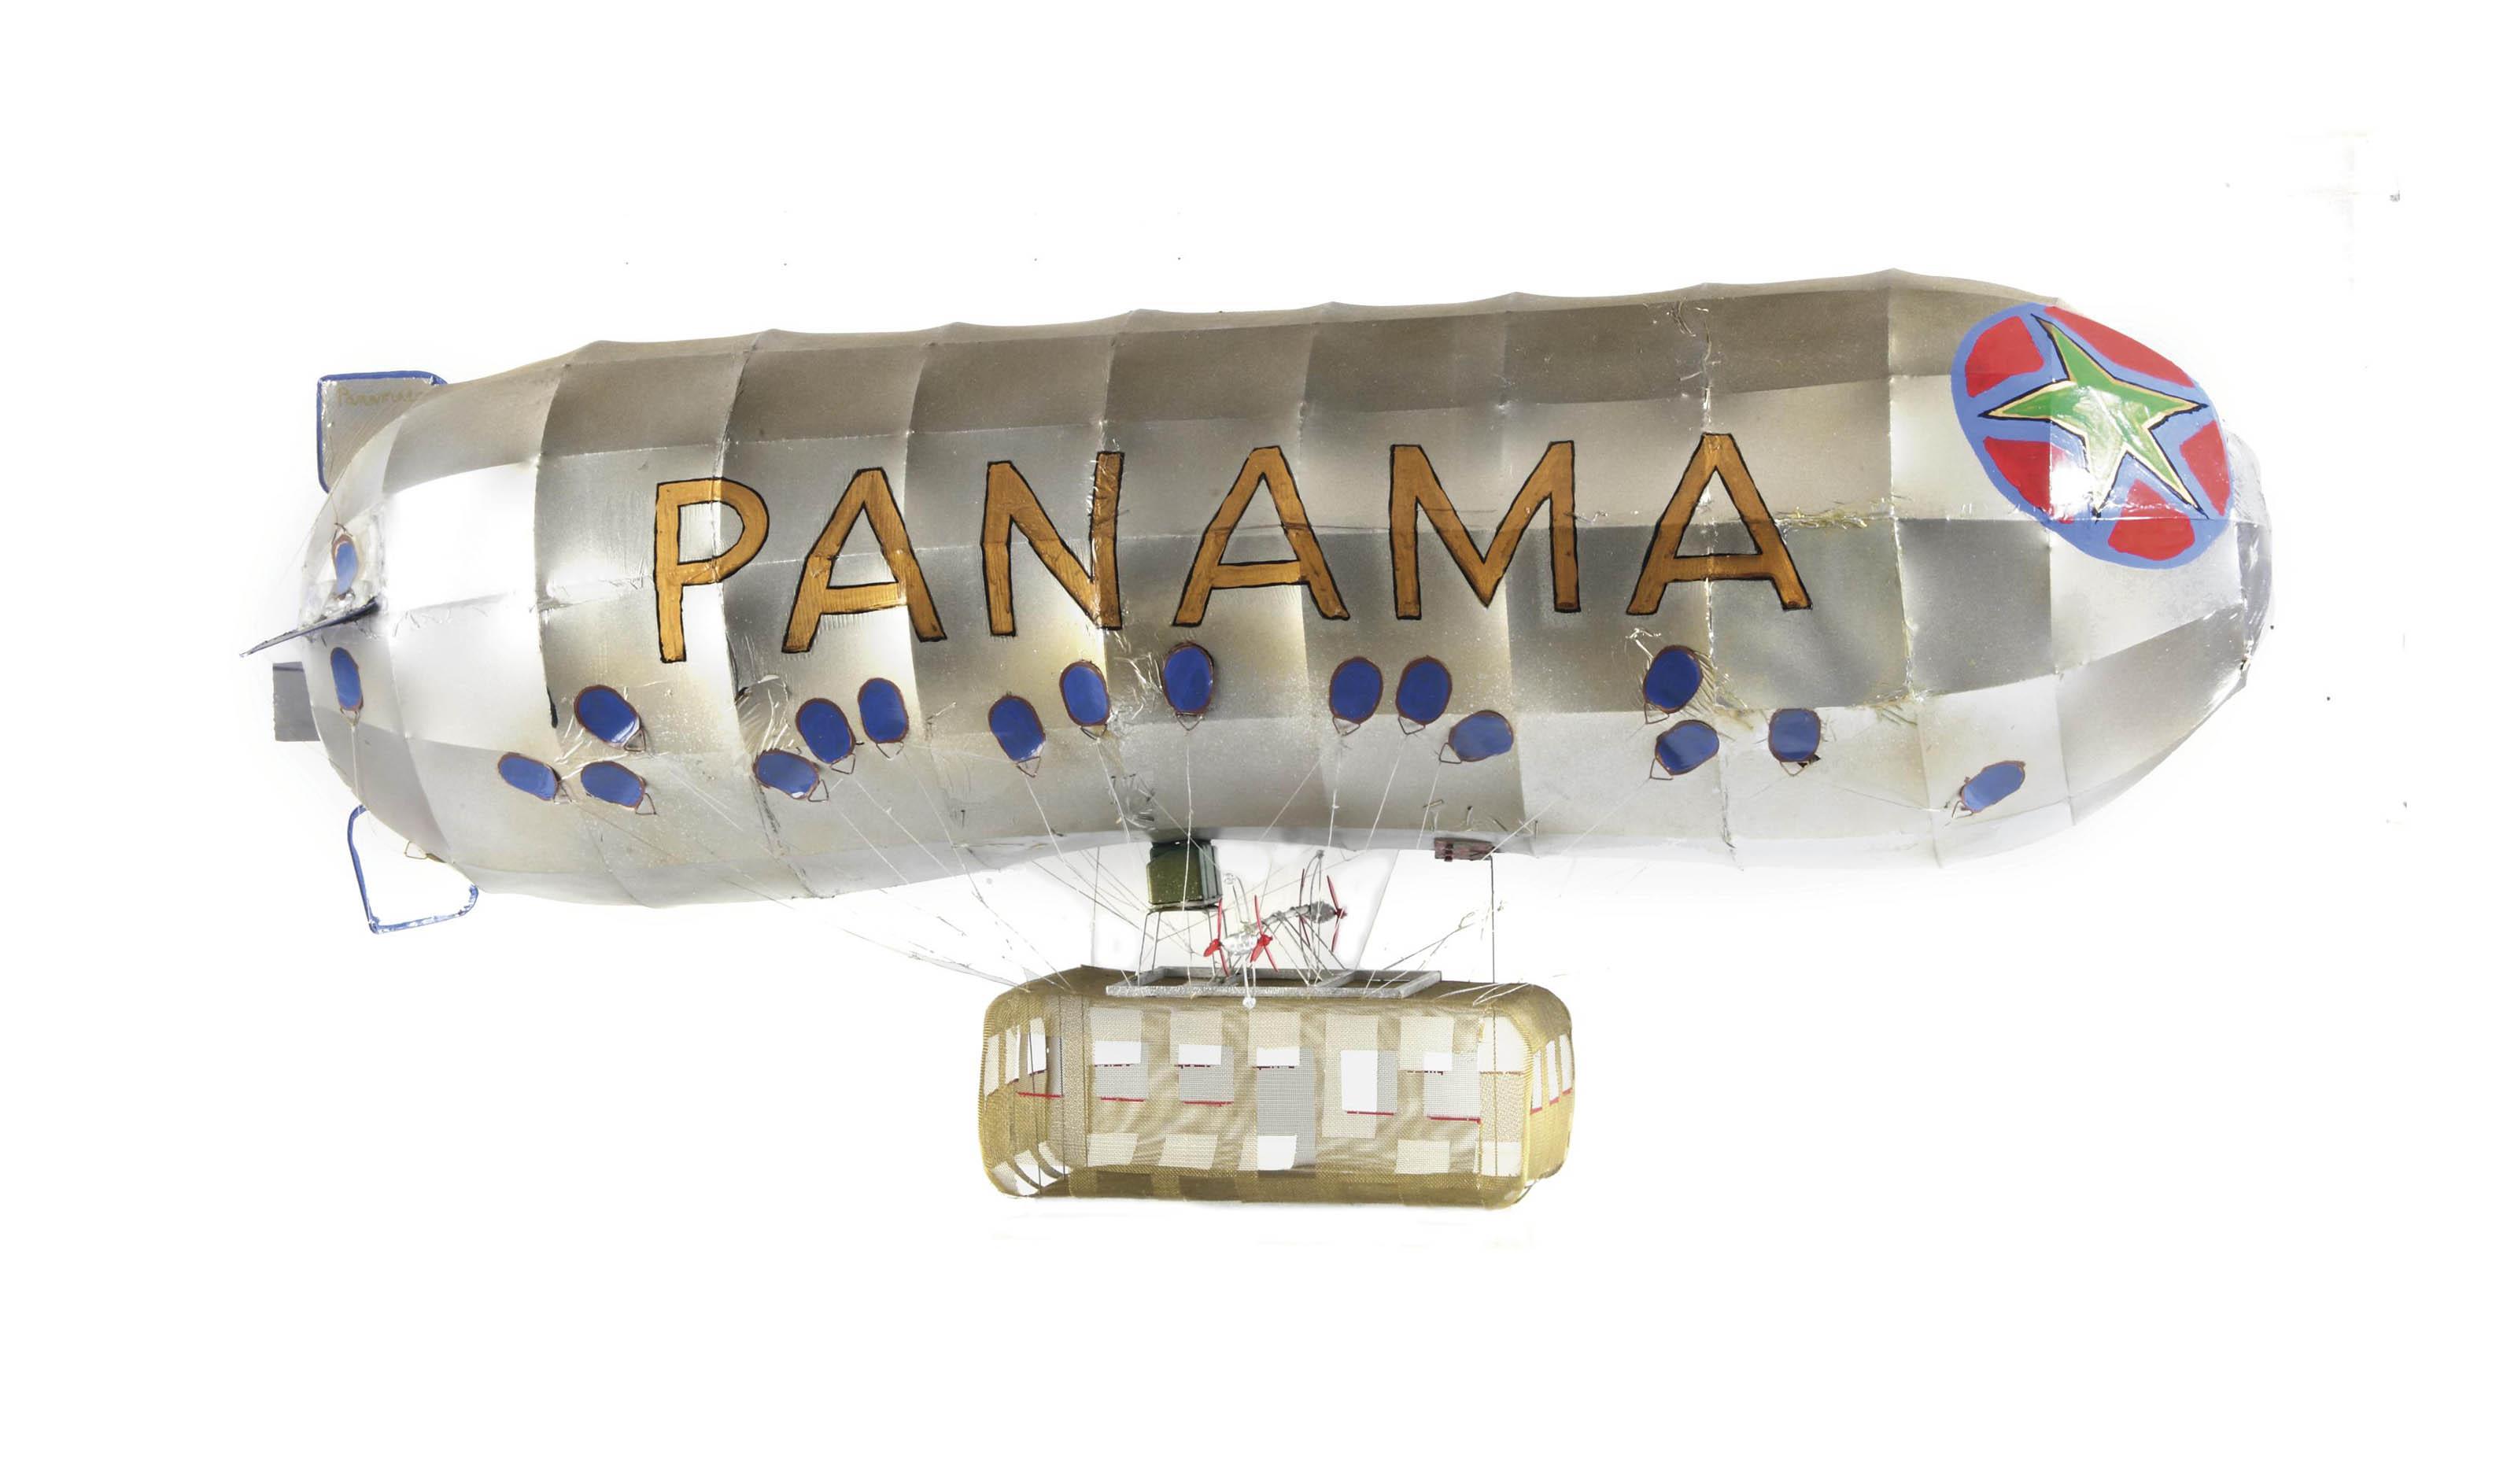 Panama: Aeromodeller I (Model voor luchtschip)